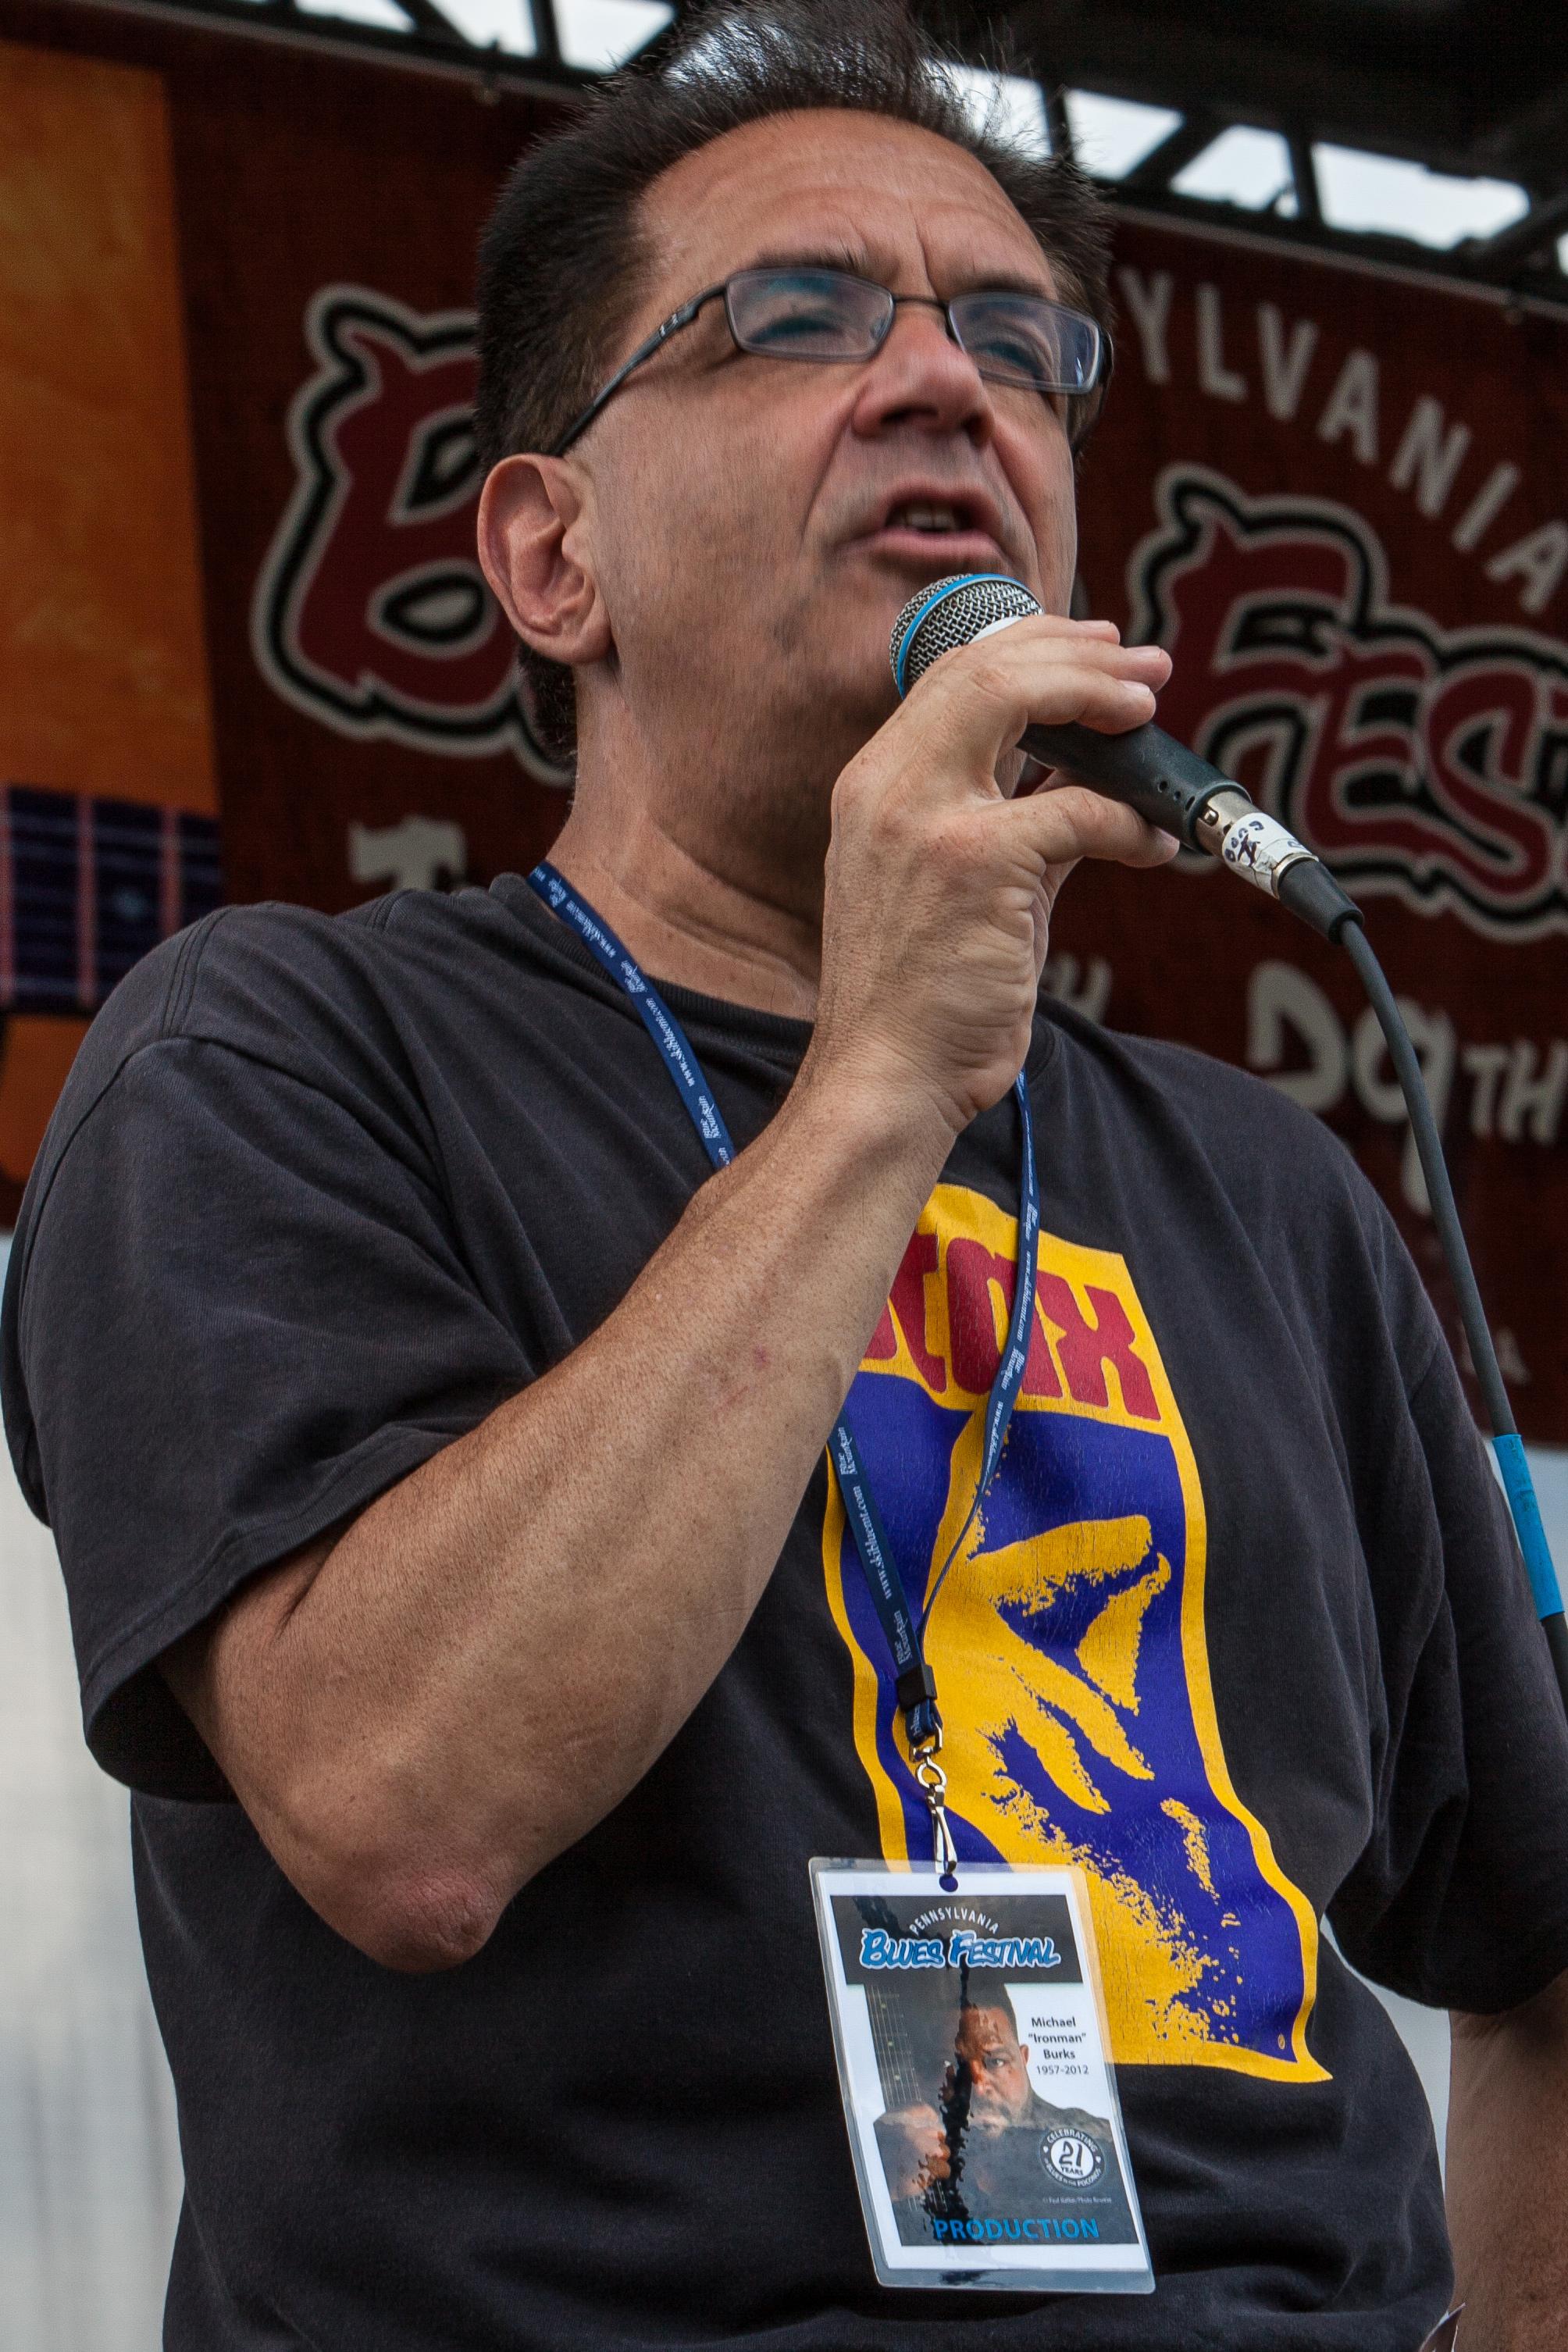 Michael Cloeren